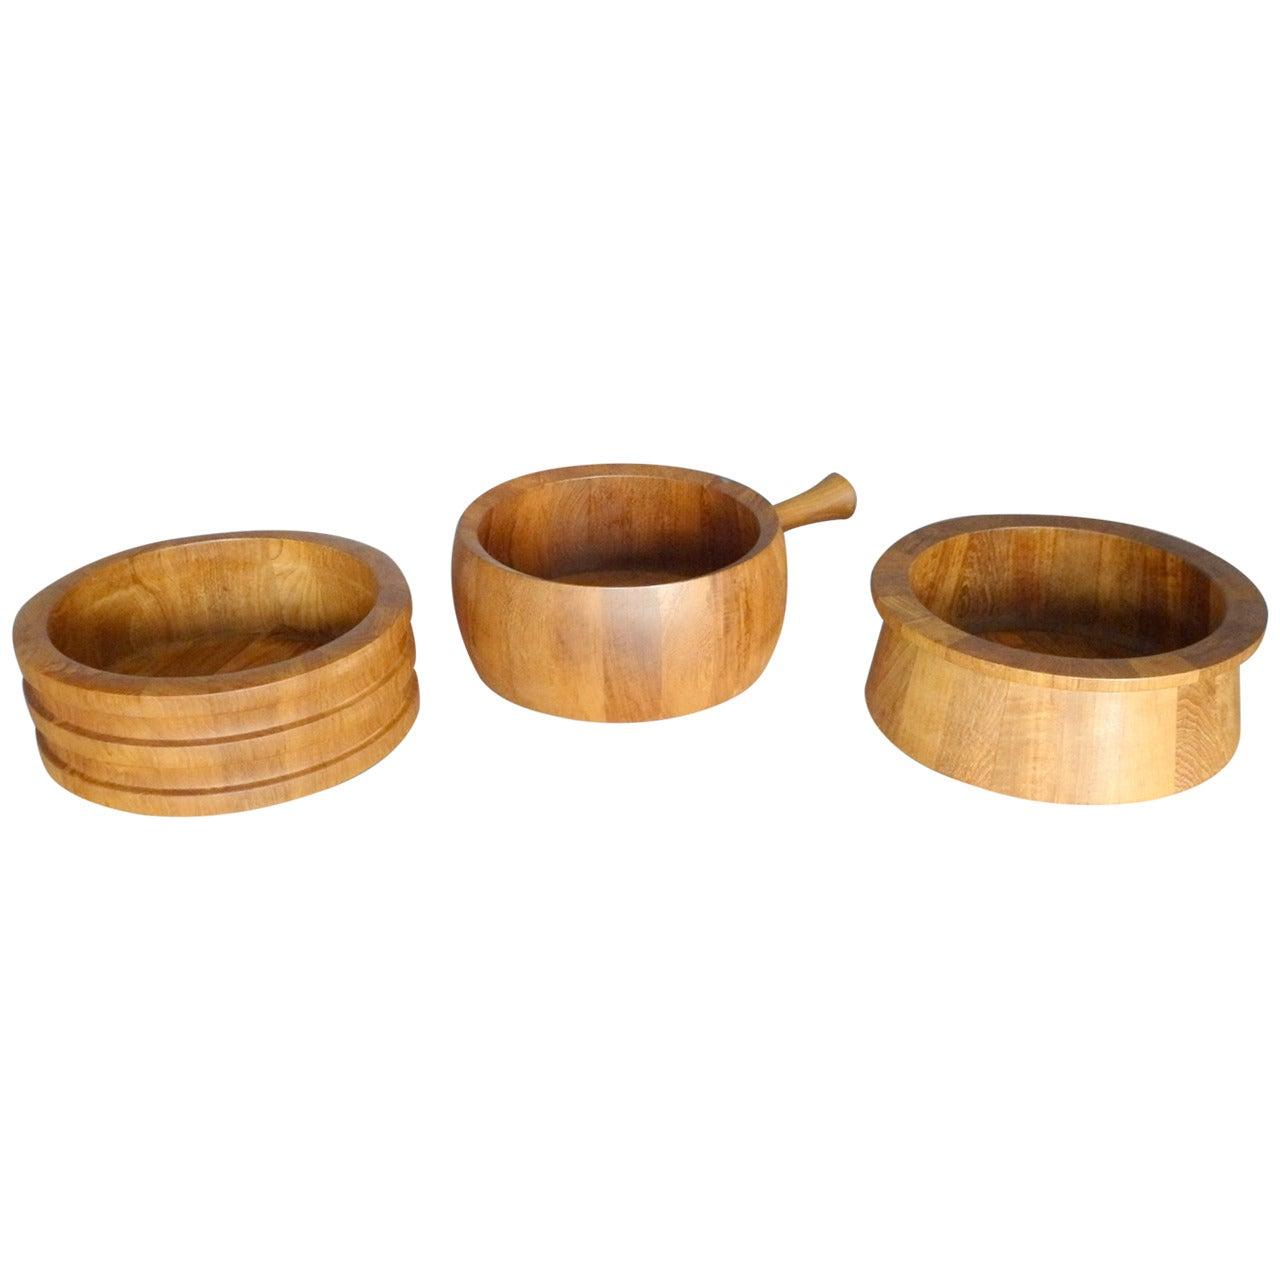 Dansk, Woodline, Nissen Danish Teak Salad Bowl collection